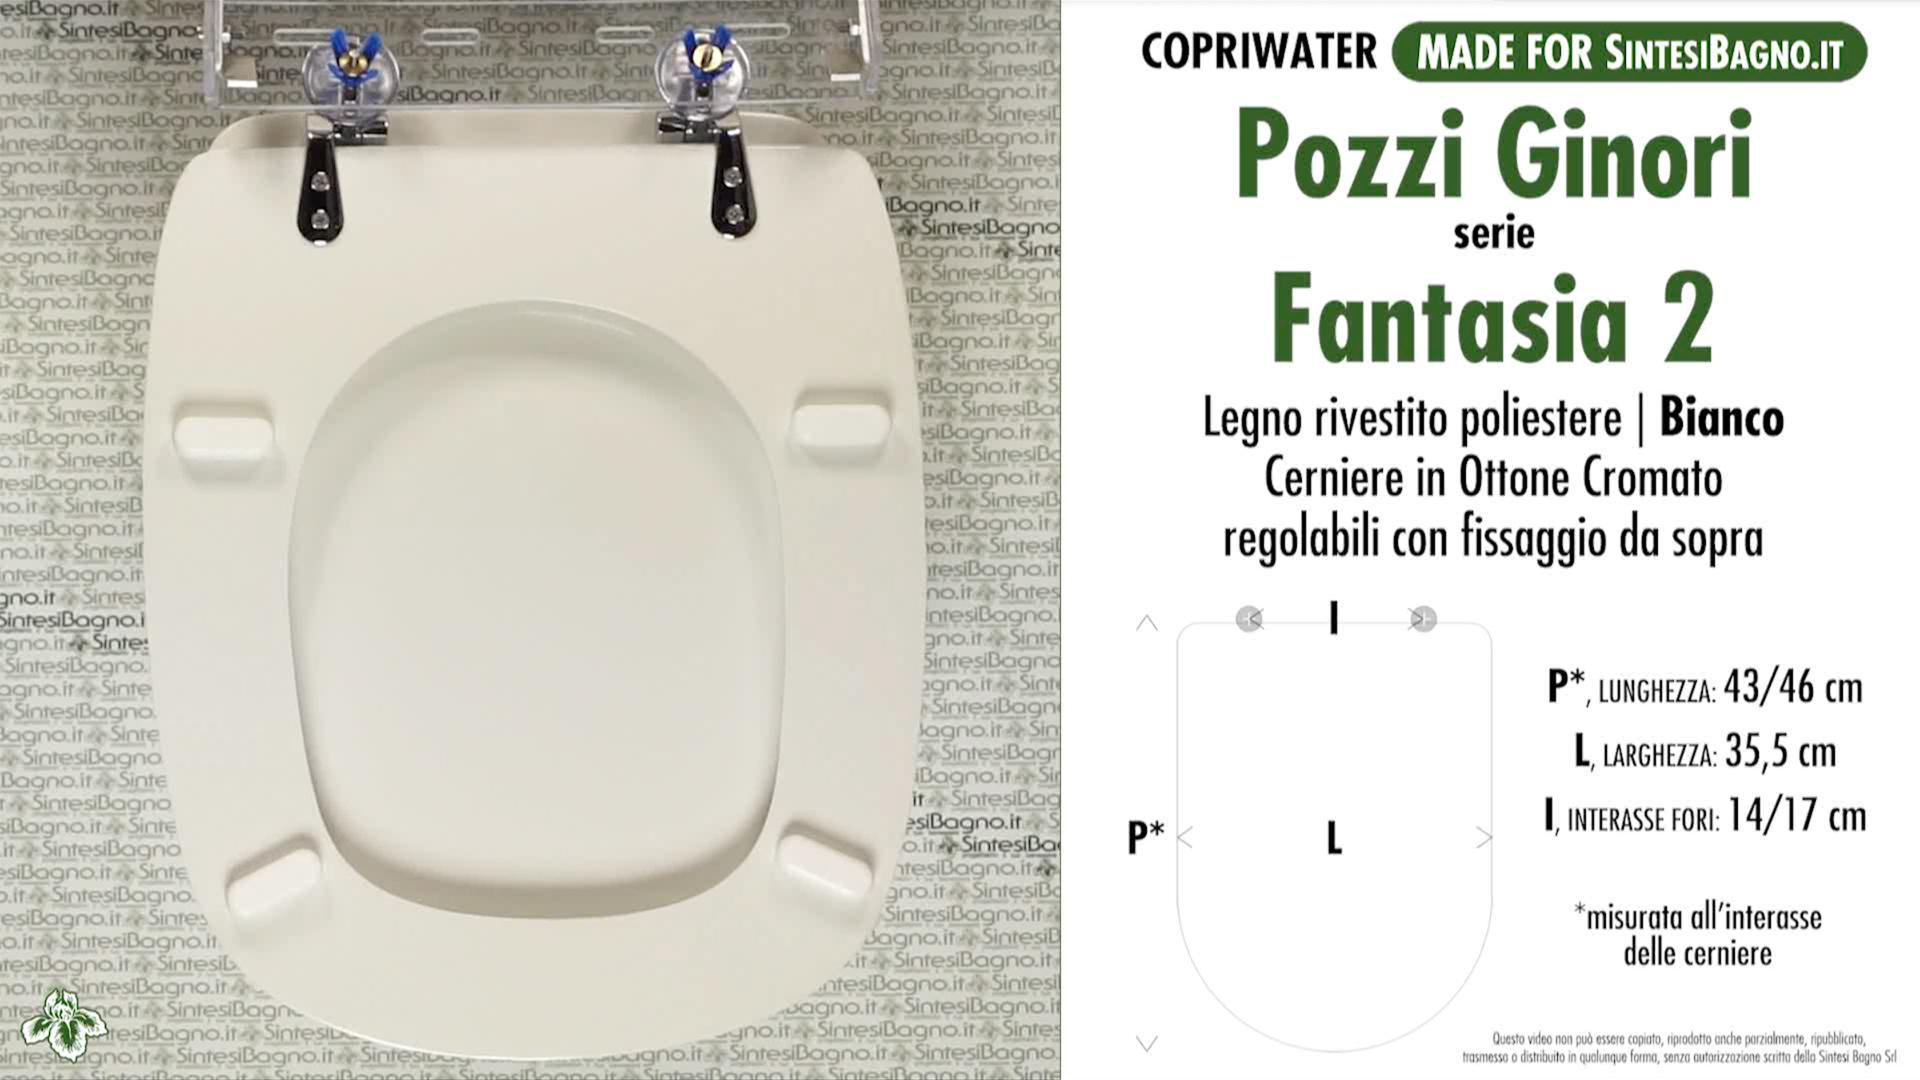 Pozzi Ginori Sedile Wc.Copriwater Per Wc Fantasia 2 Pozzi Ginori Ricambio Dedicato Legno Rivestito Sintesibagno Shop Online